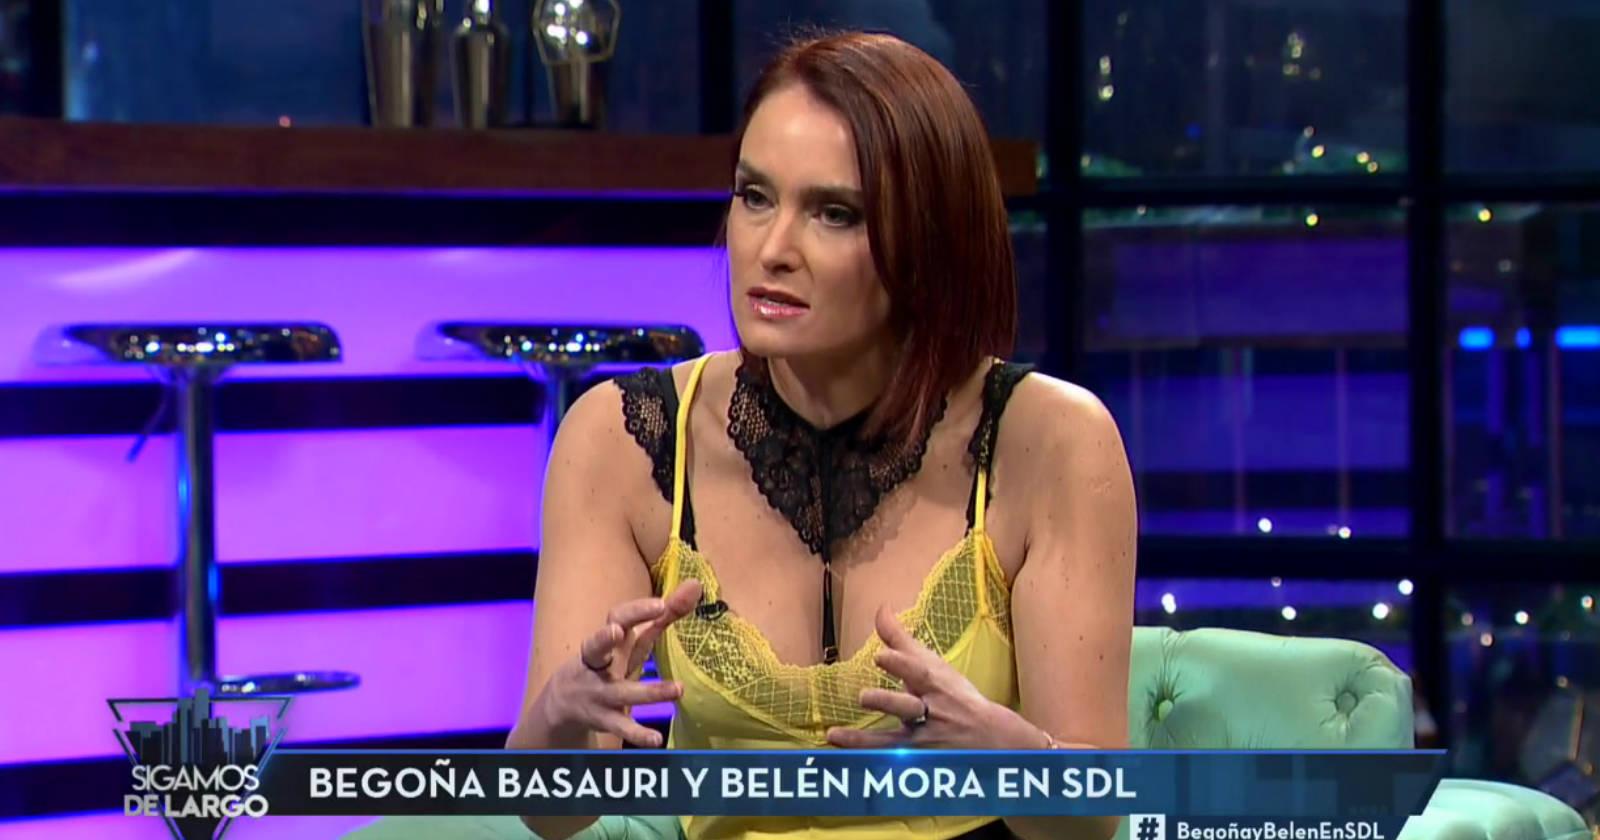 Begoña Basauri y polémica de Viñuela en el Mucho Gusto: